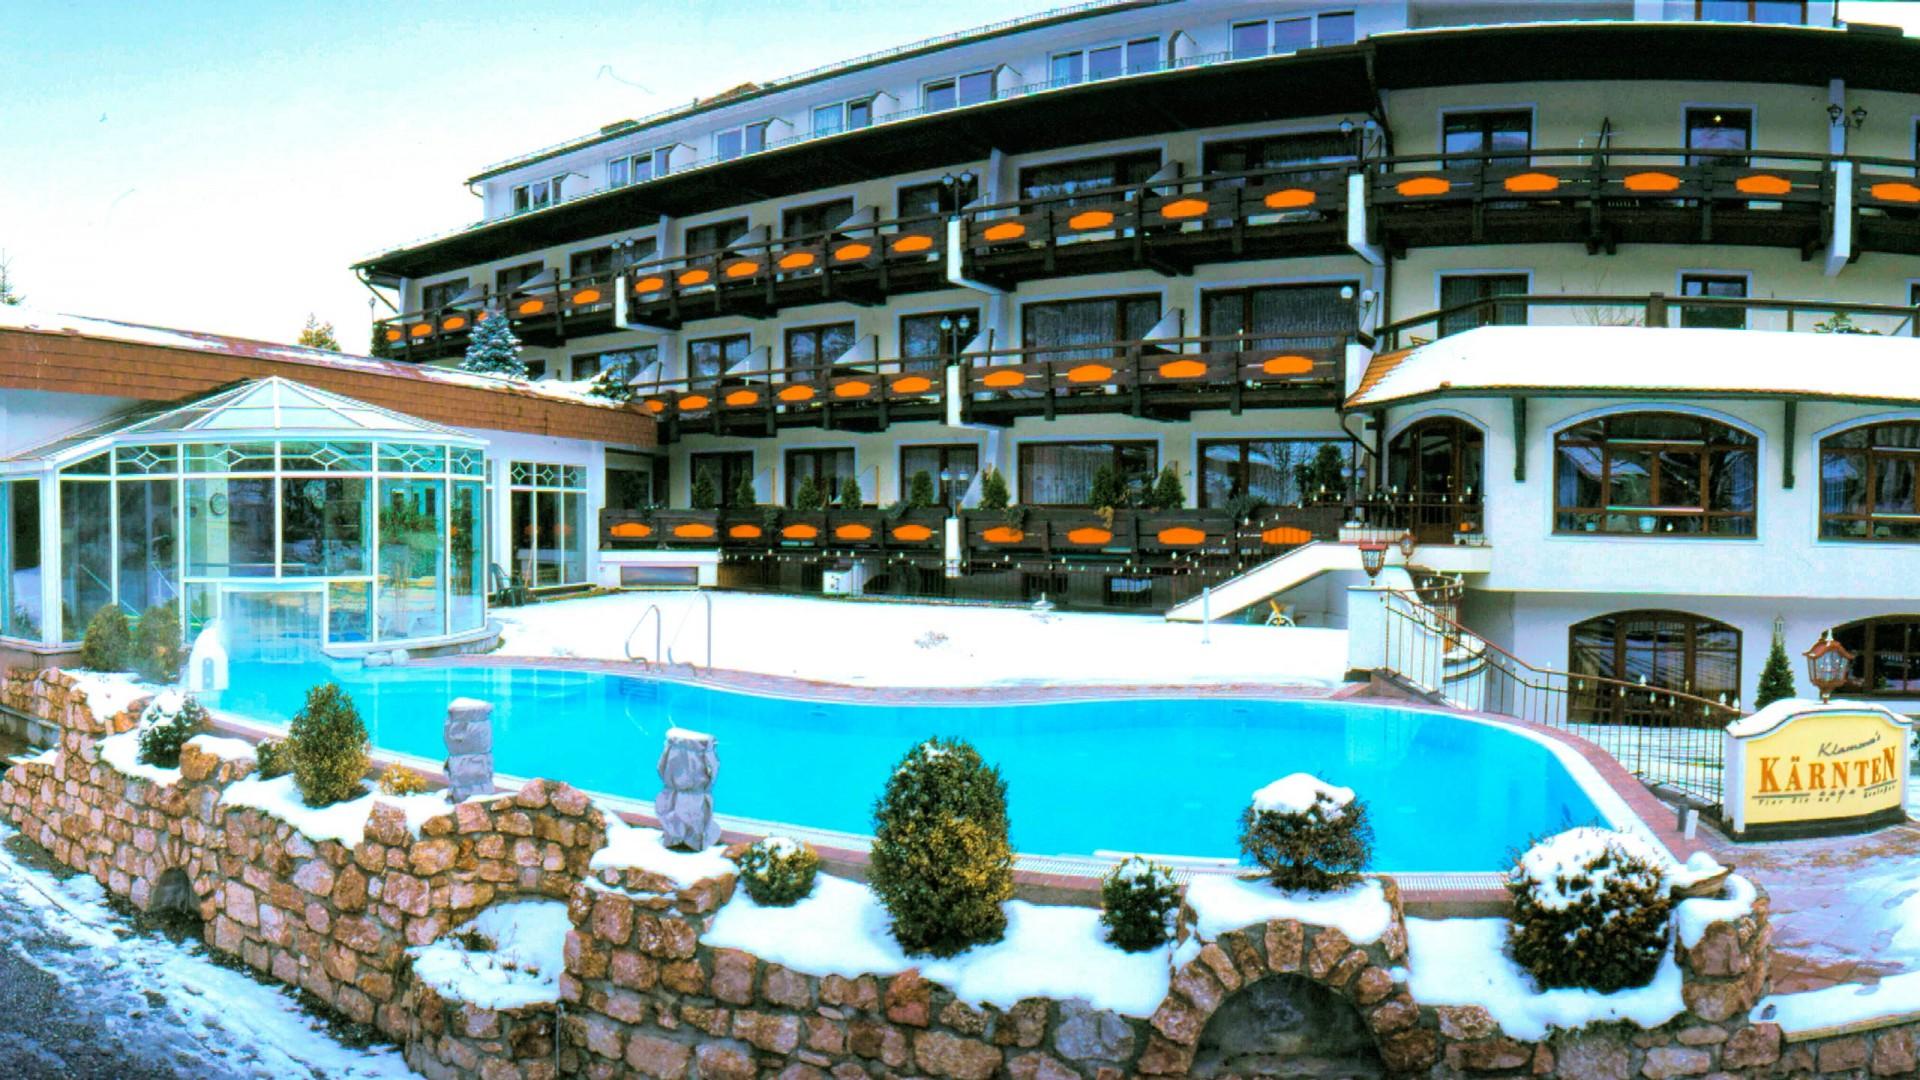 Gasteiner Hof Hotel